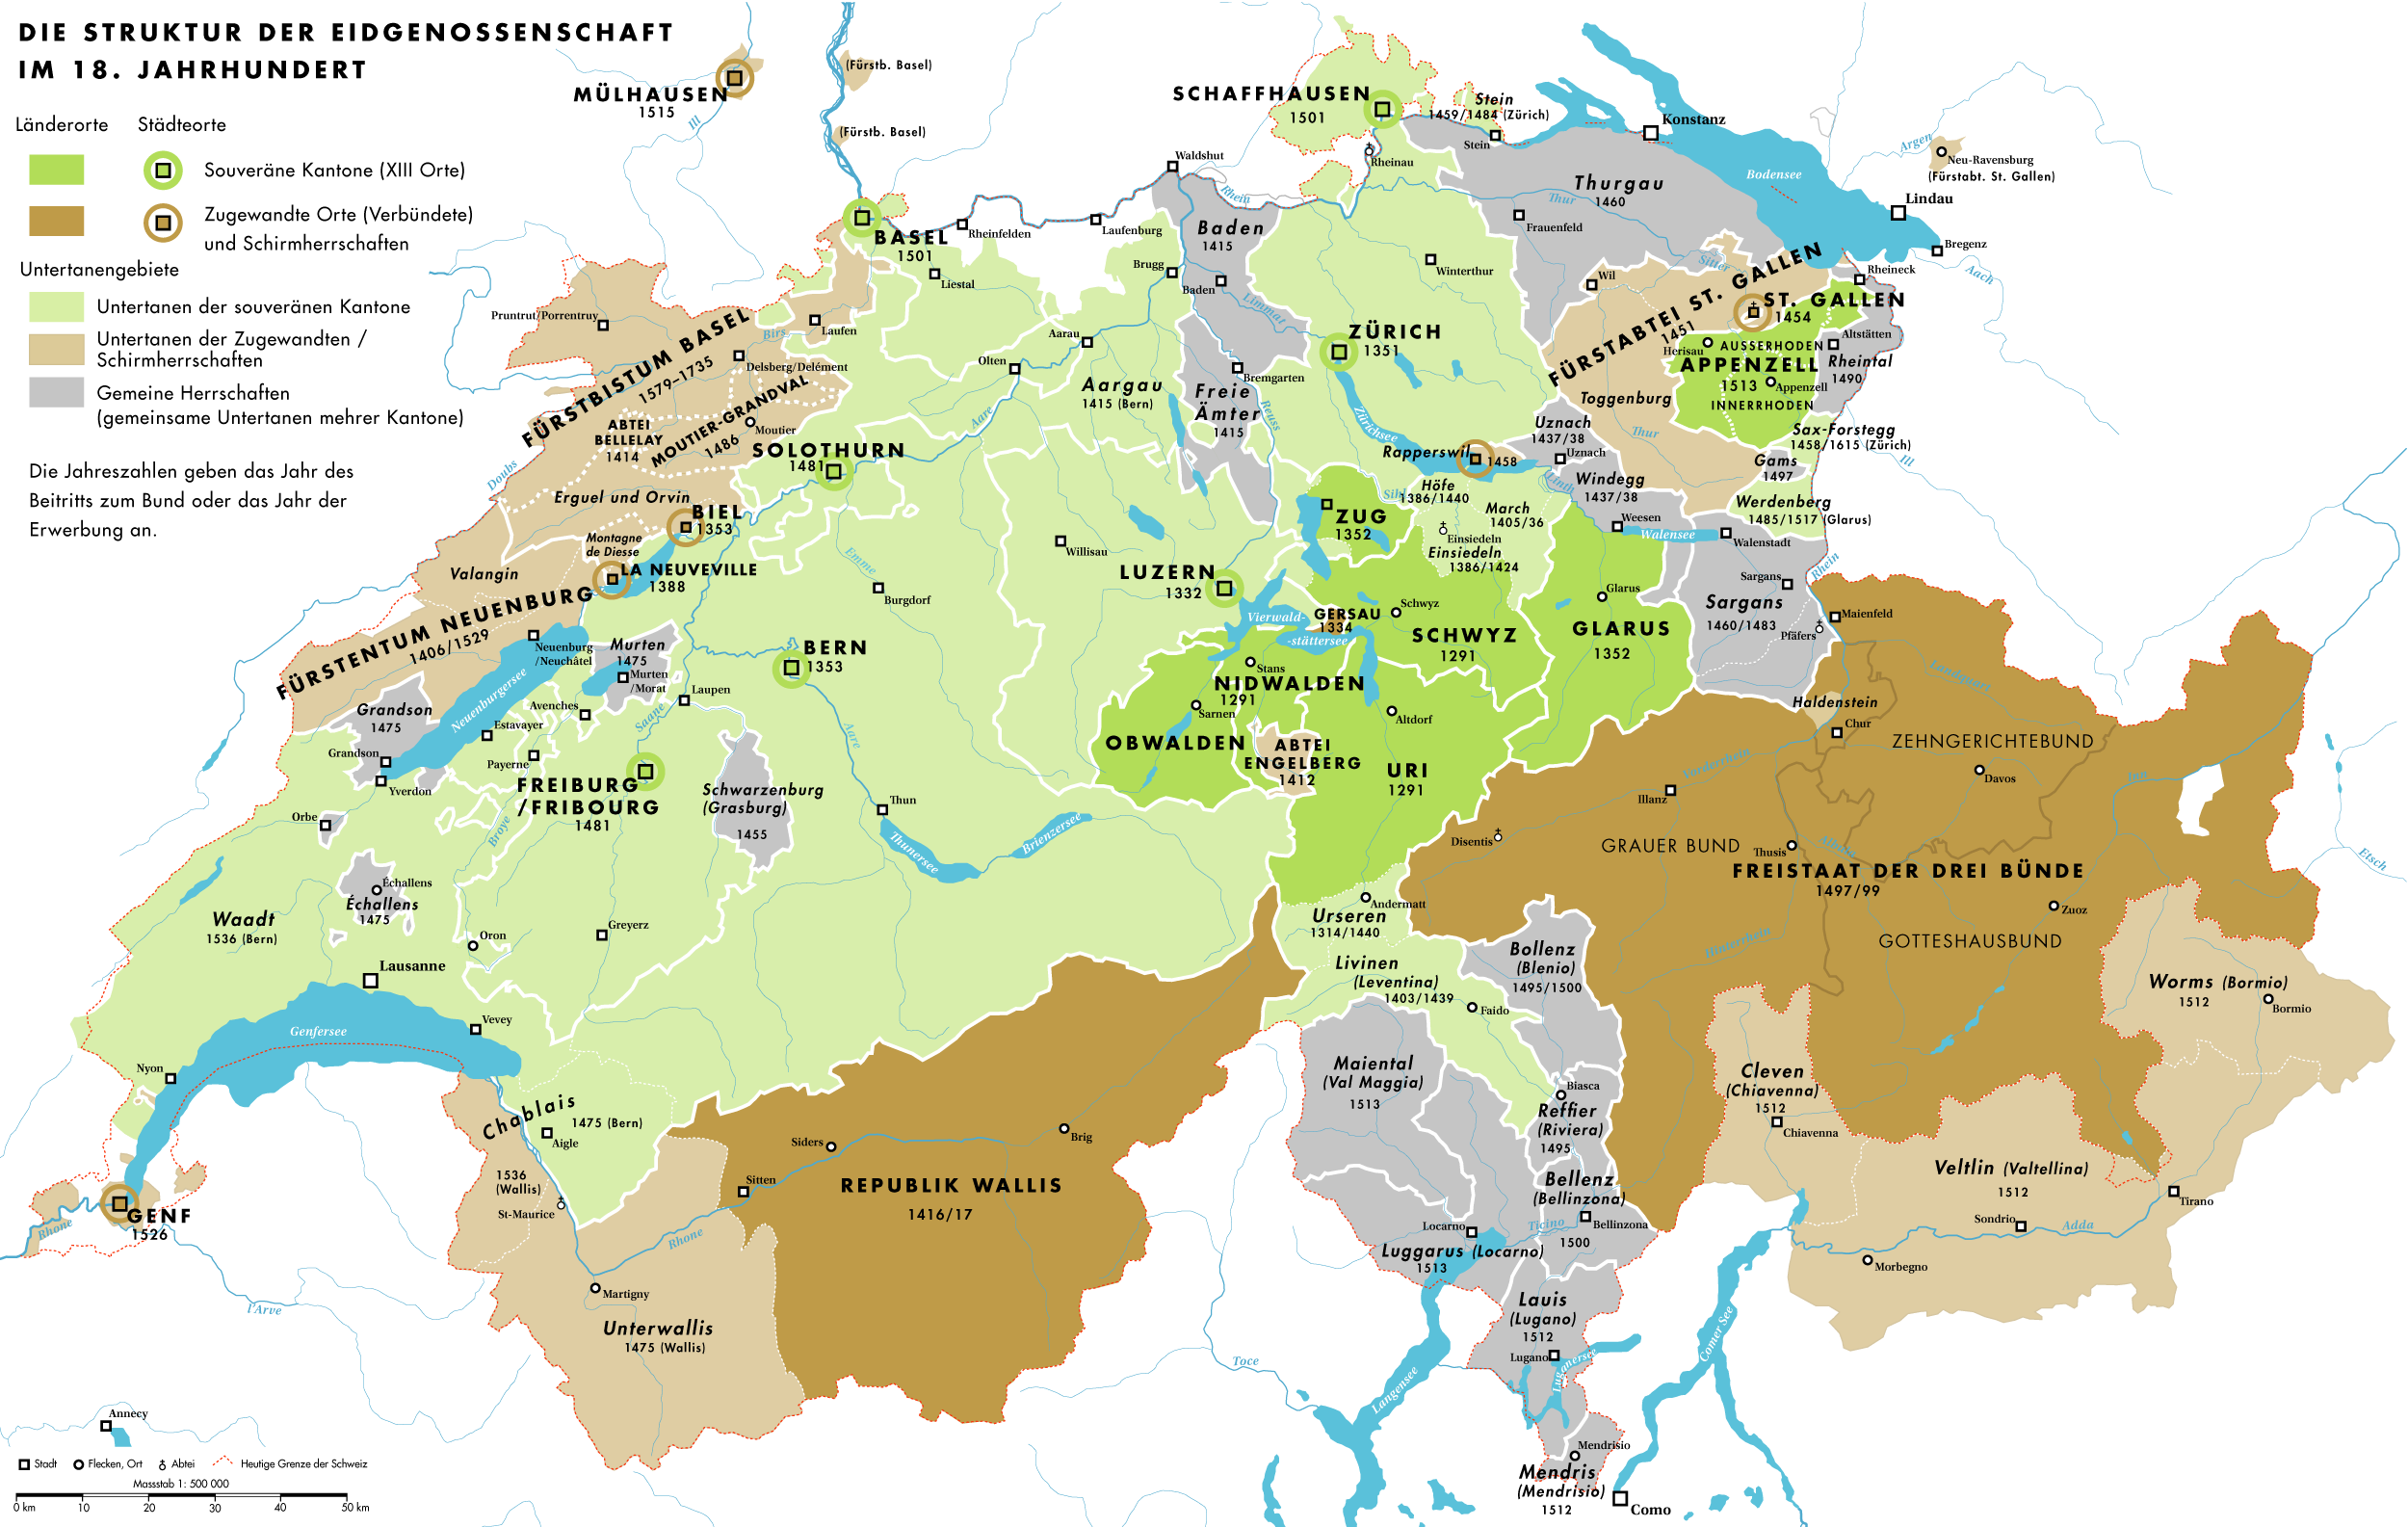 File struktur wikimedia commons for Innendekorateur kanton bern